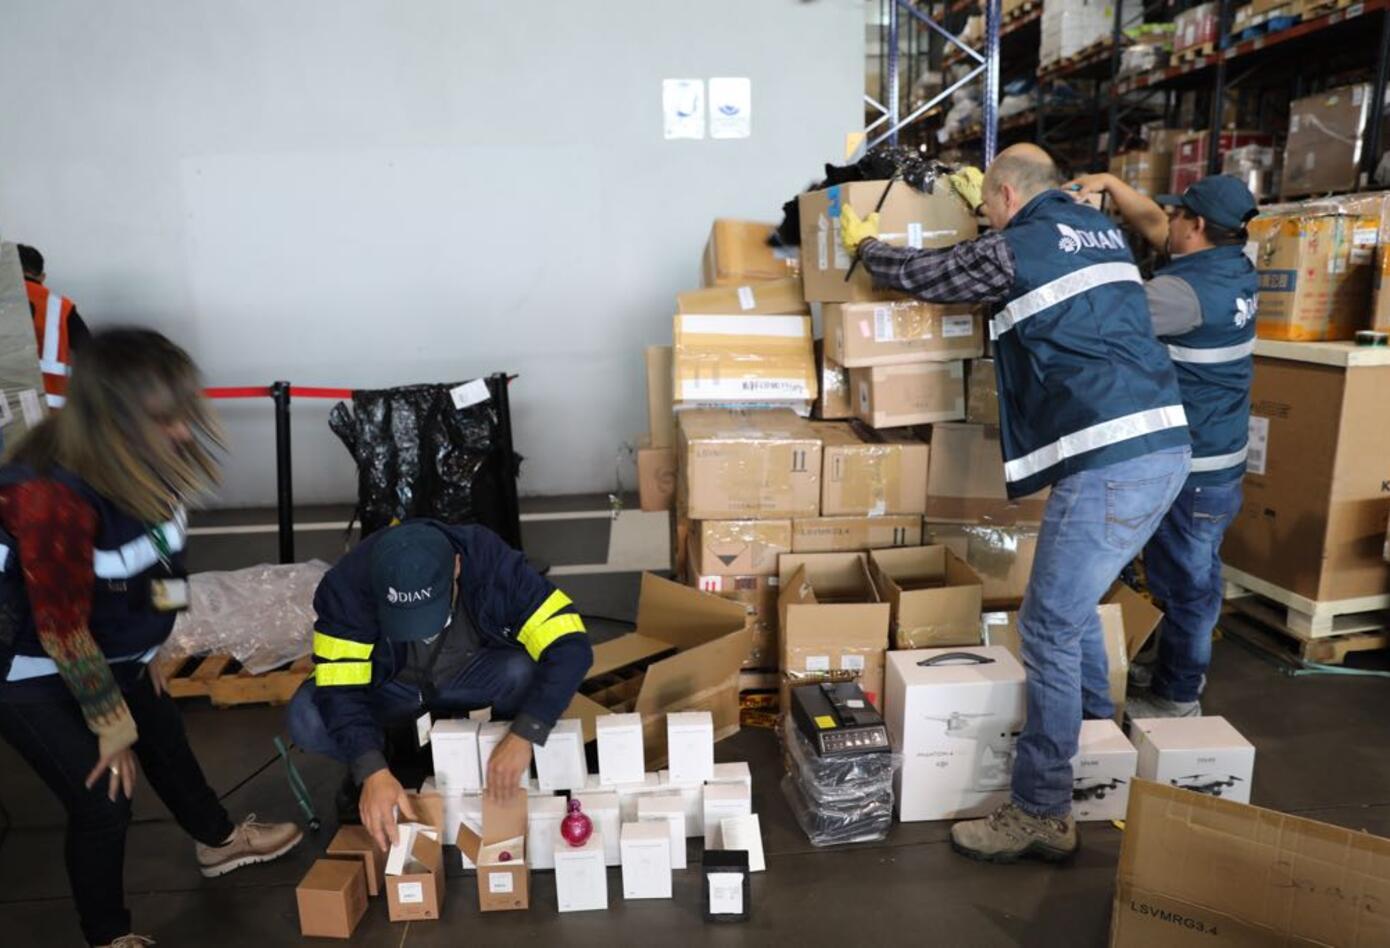 En el Aeropuerto El Dorado la Dian incautó mercancía de contrabando.